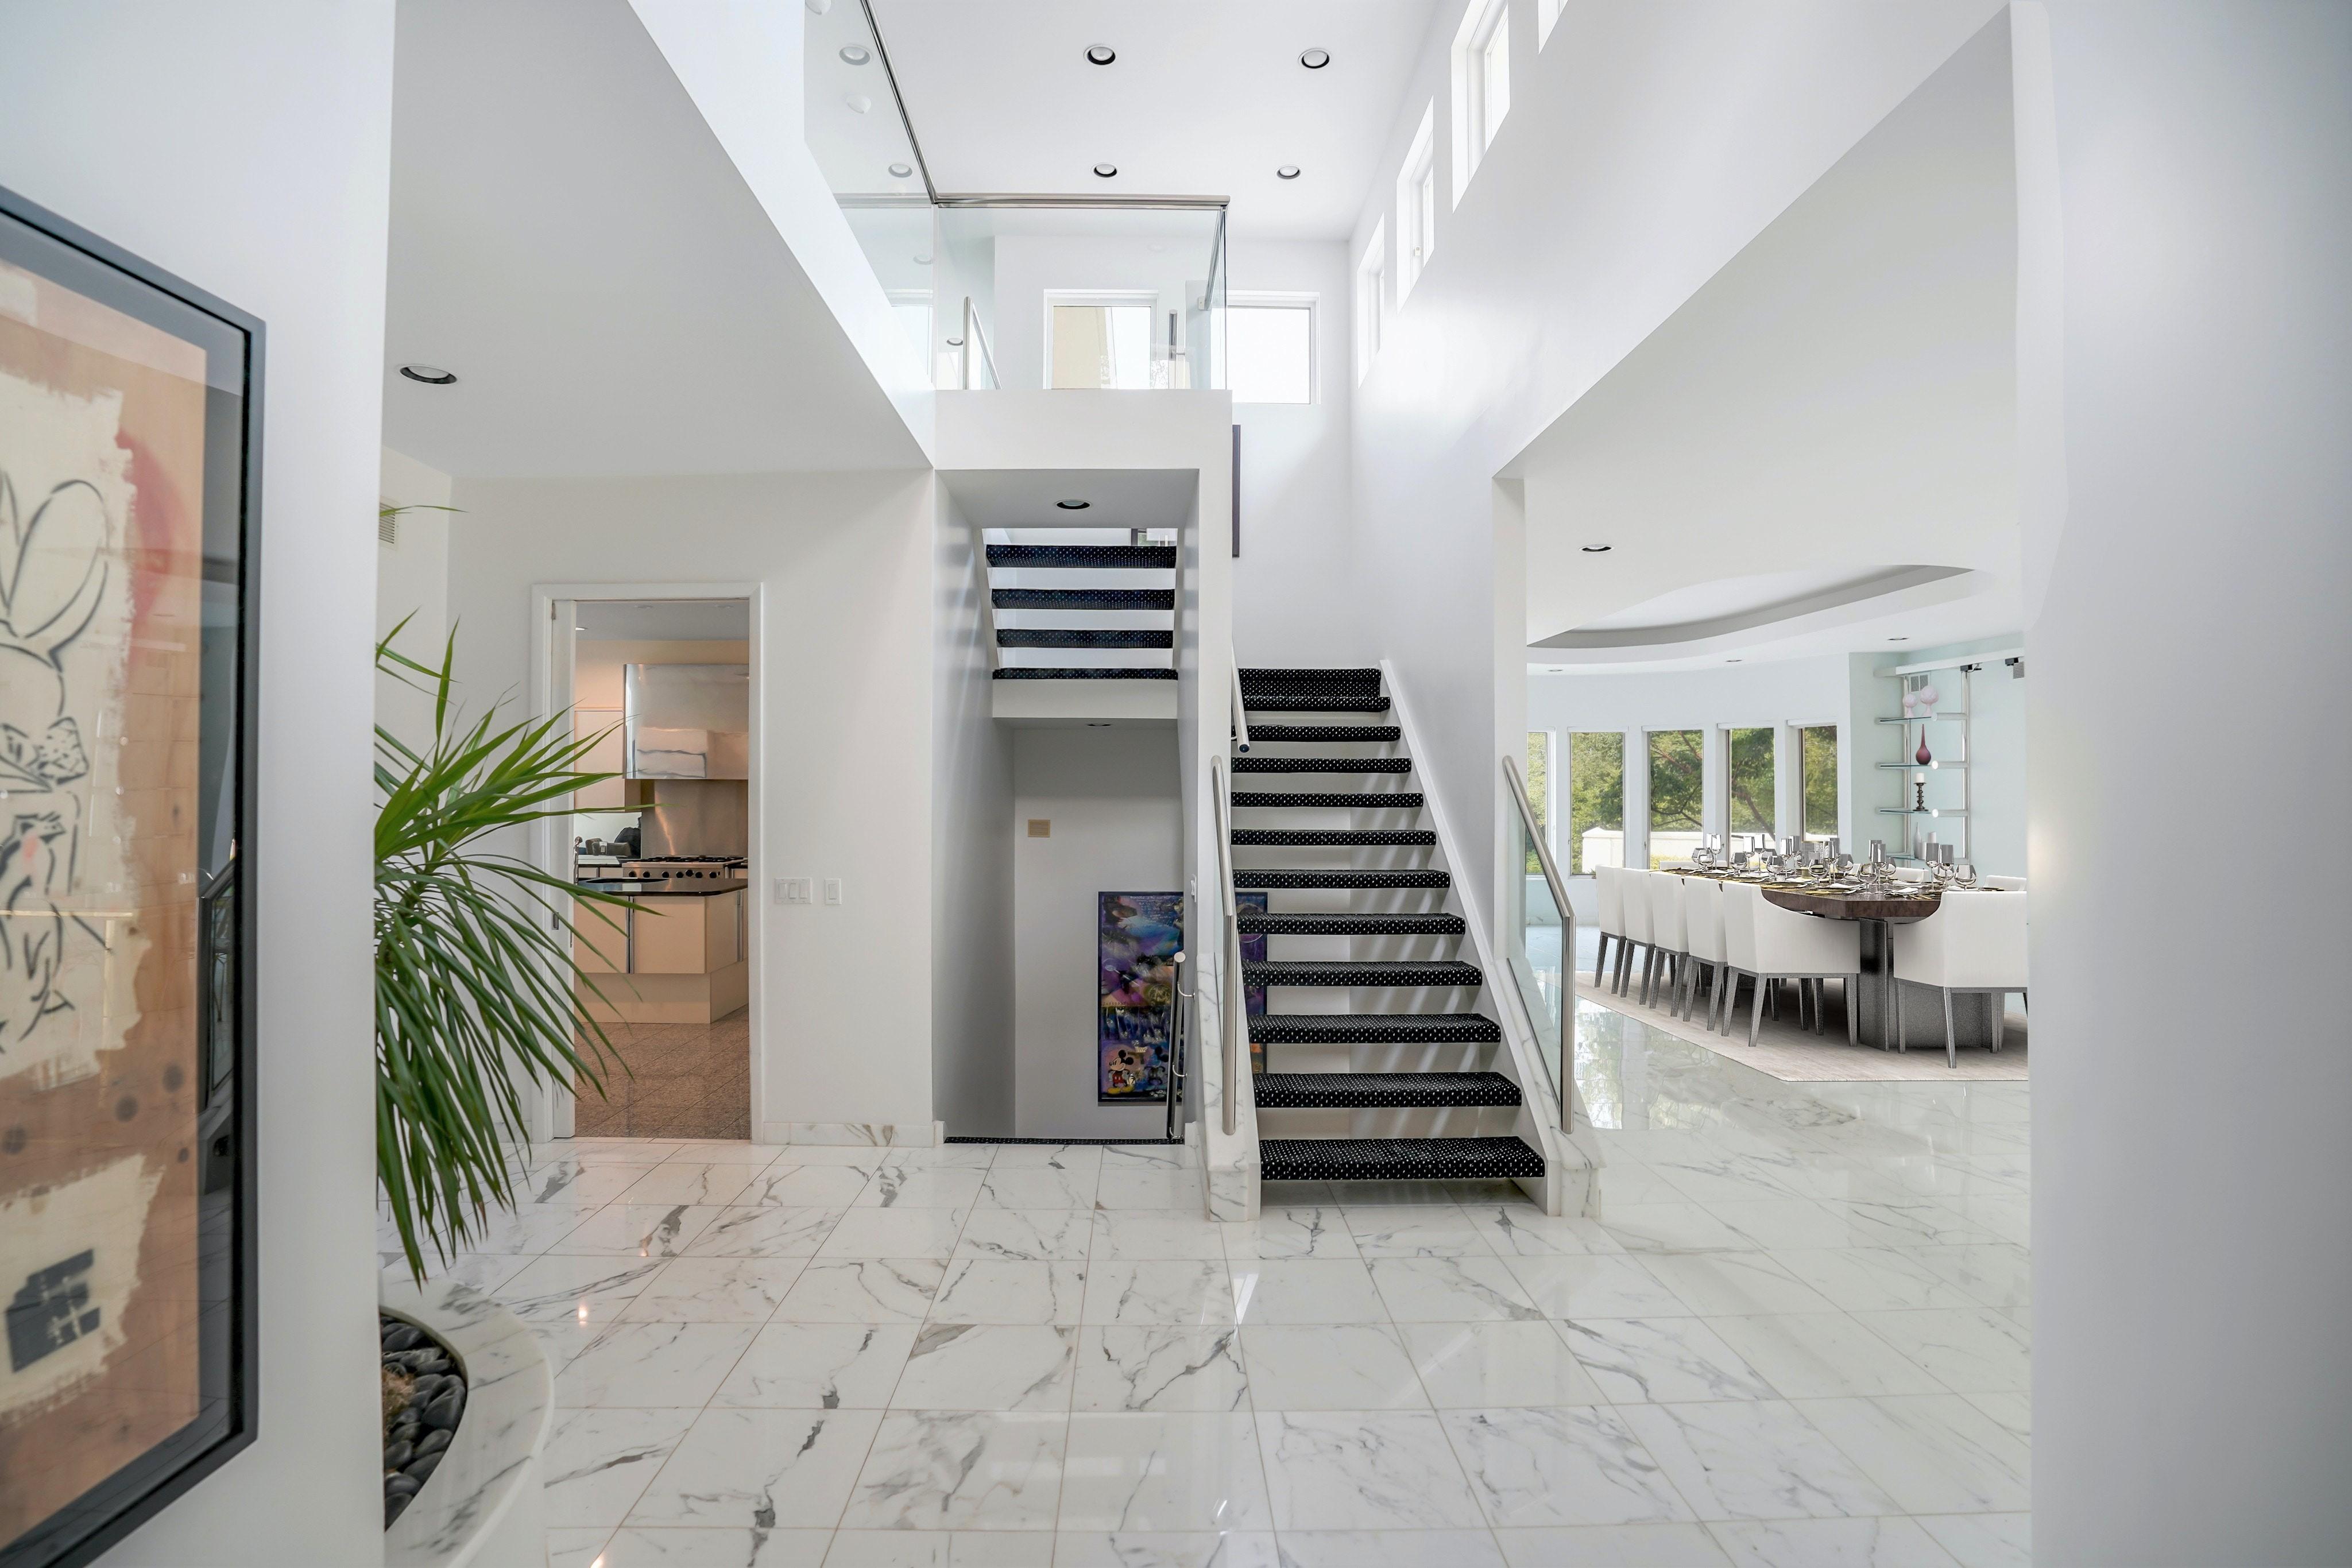 261 Hartshorn Drive - First Floor Hallway